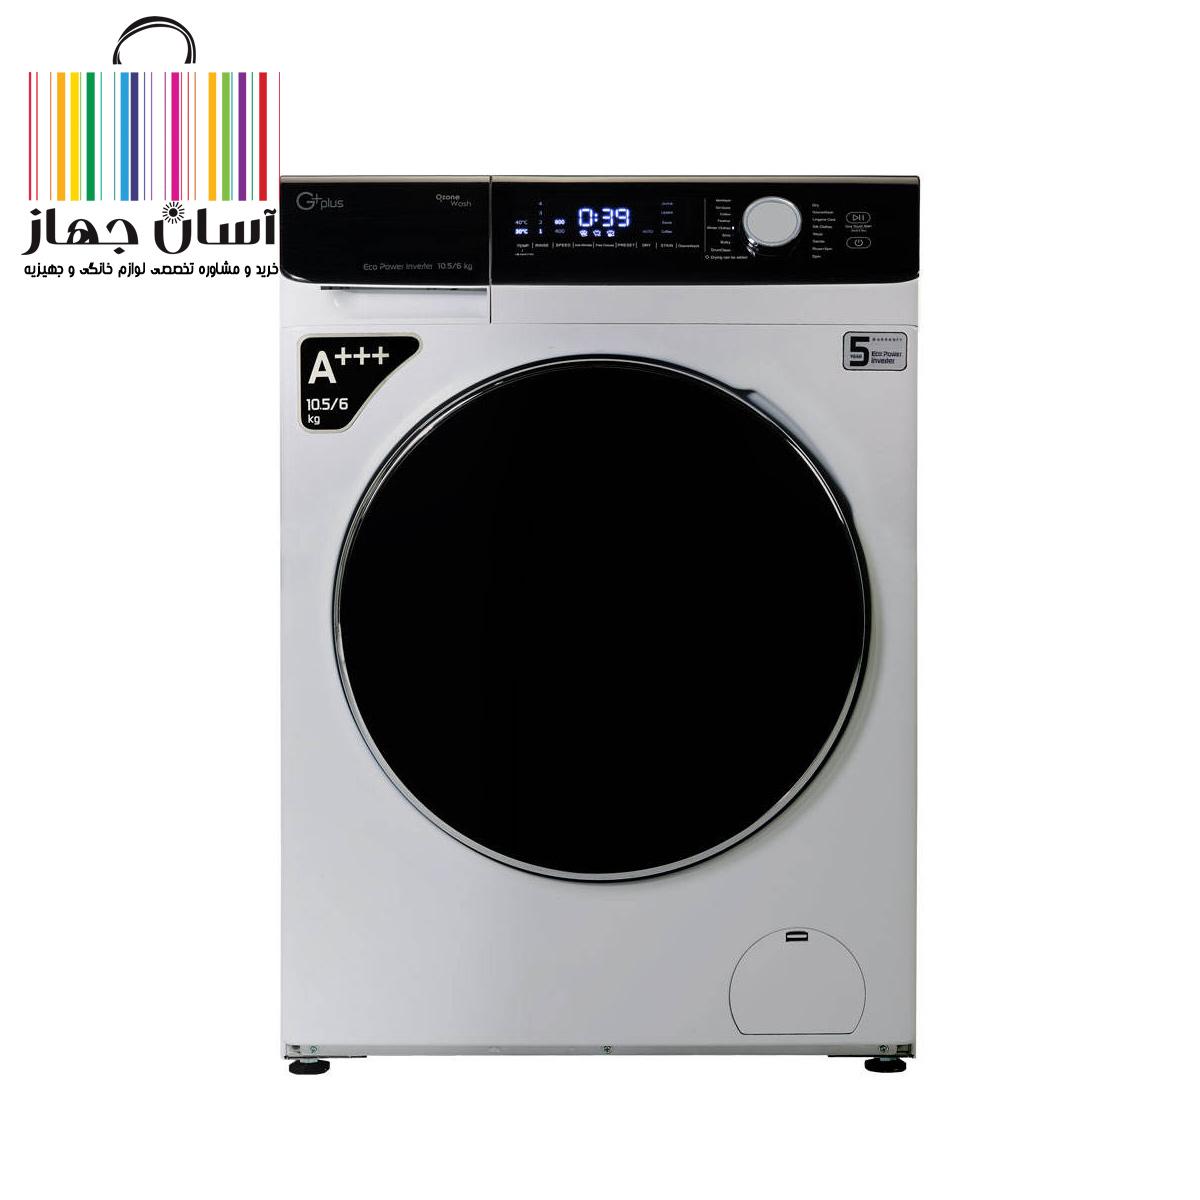 ماشین لباسشویی جی پلاس مدل GWM-K1048W